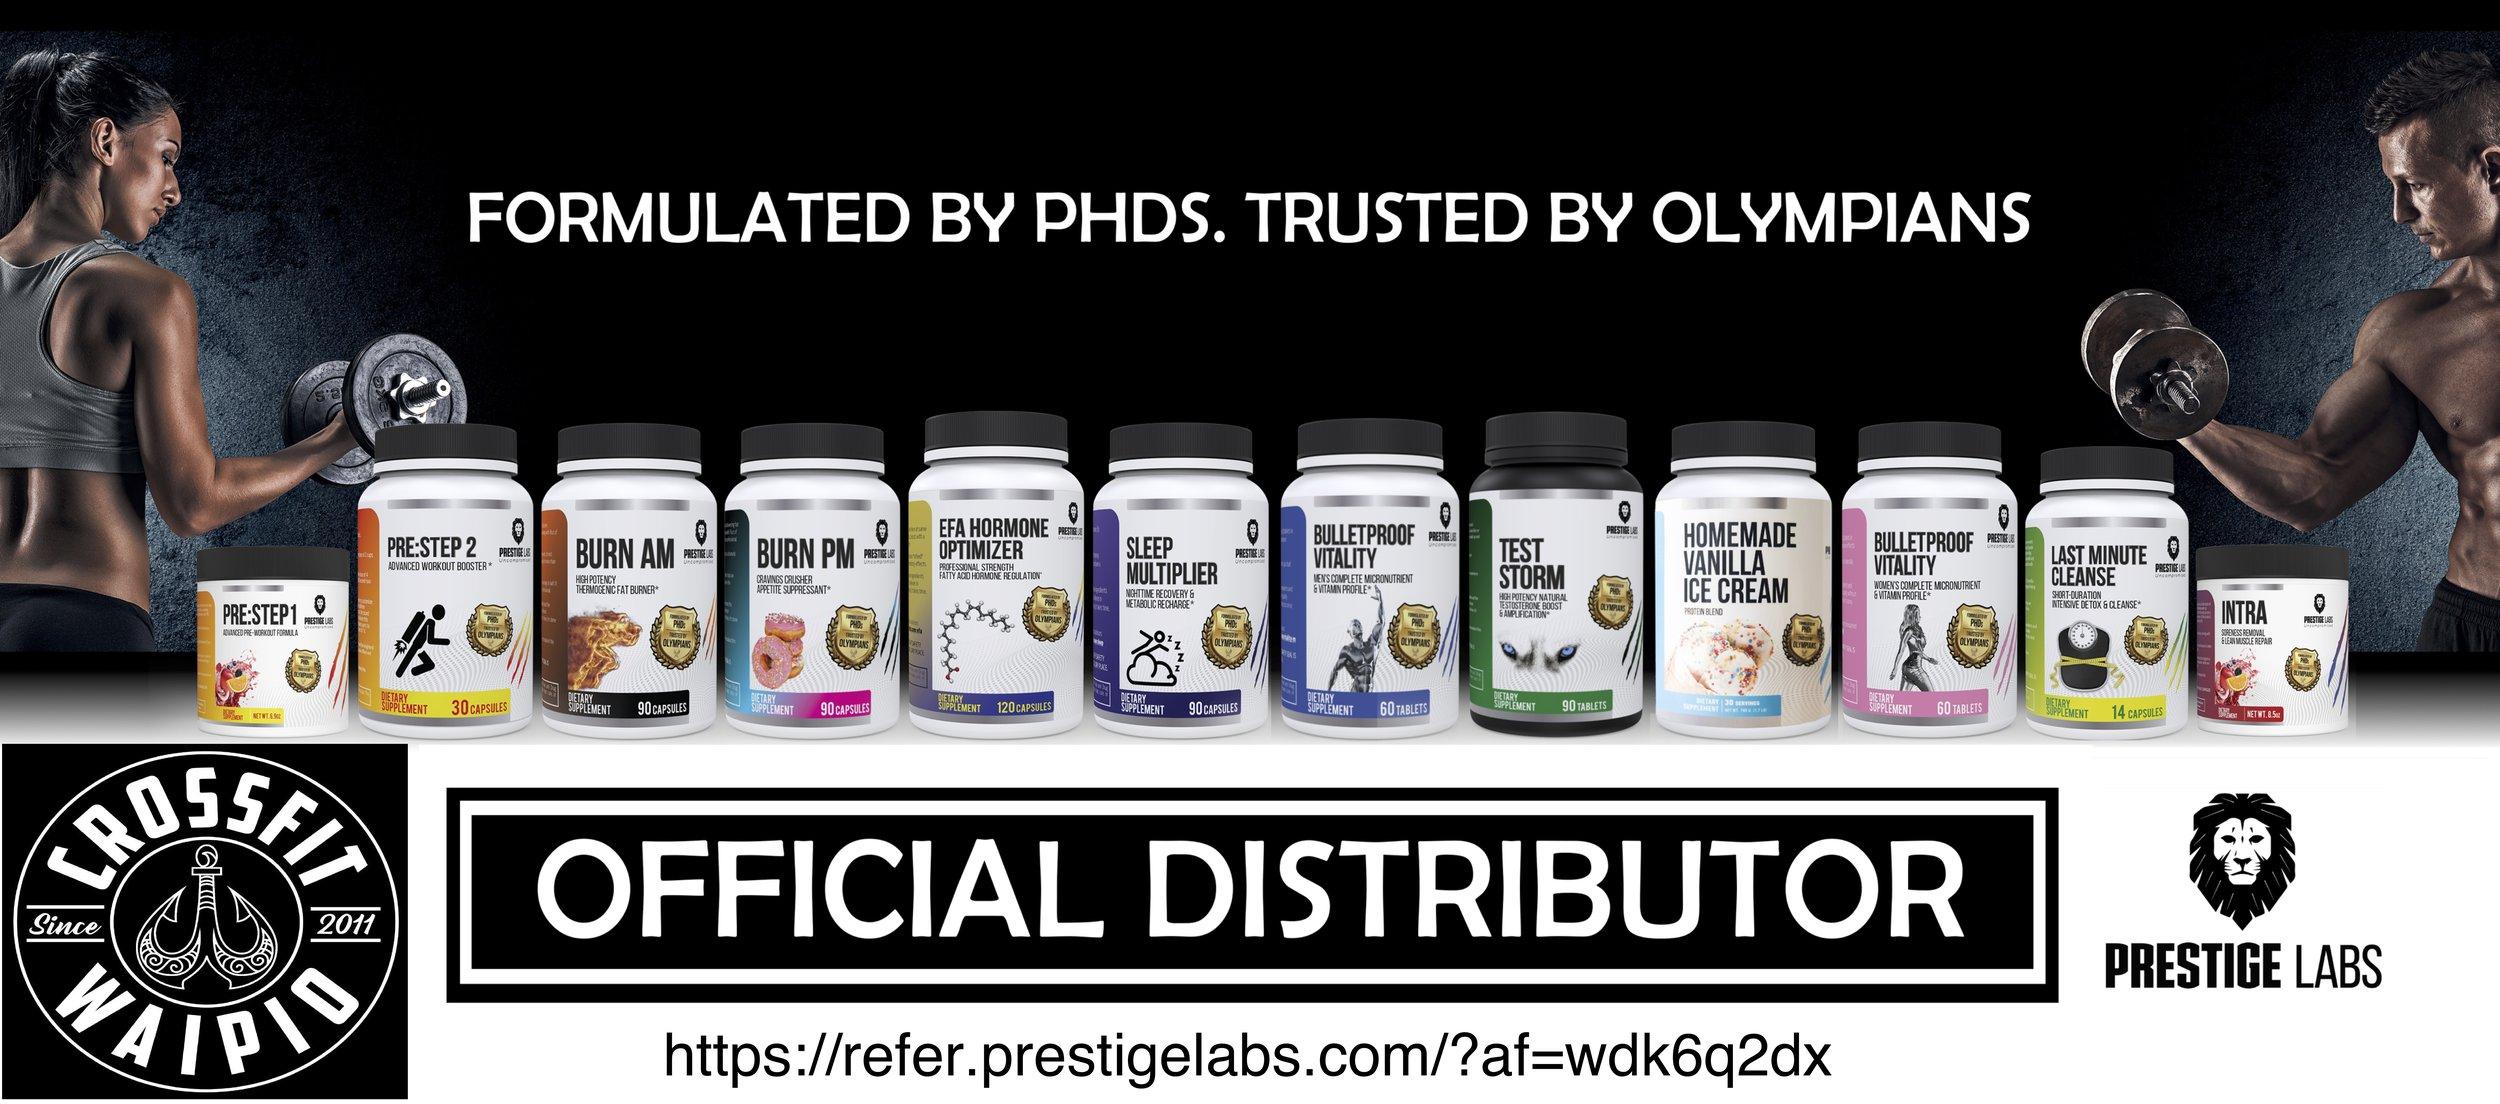 distributor with logo.jpg